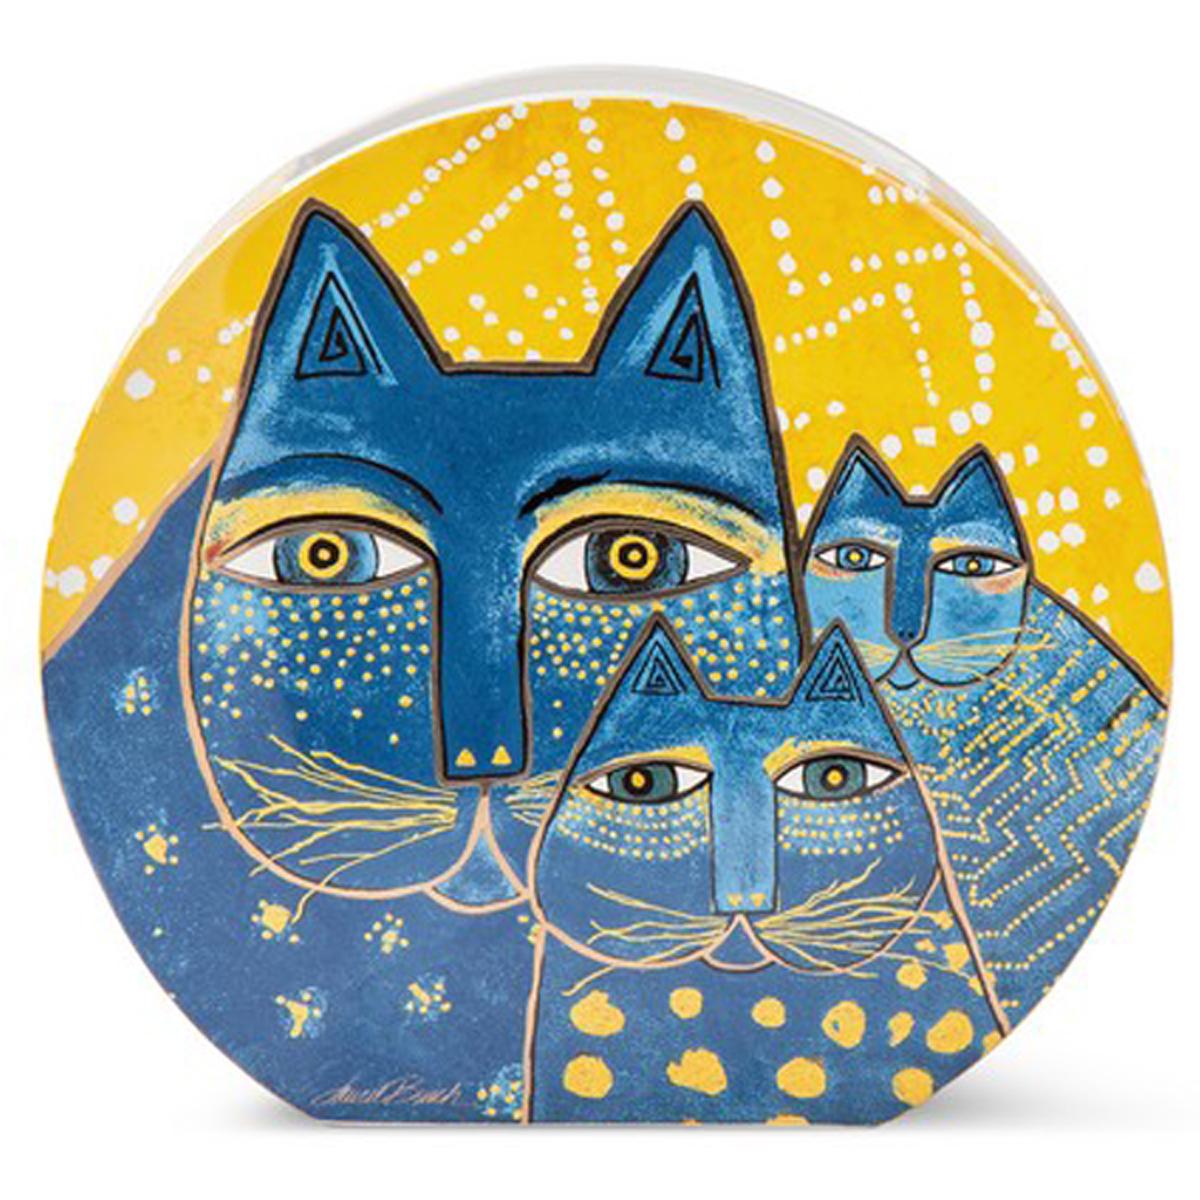 Vase céramique \'Laurel Burch\' jaune bleu (chats) - 27x25x6 cm - [A2665]